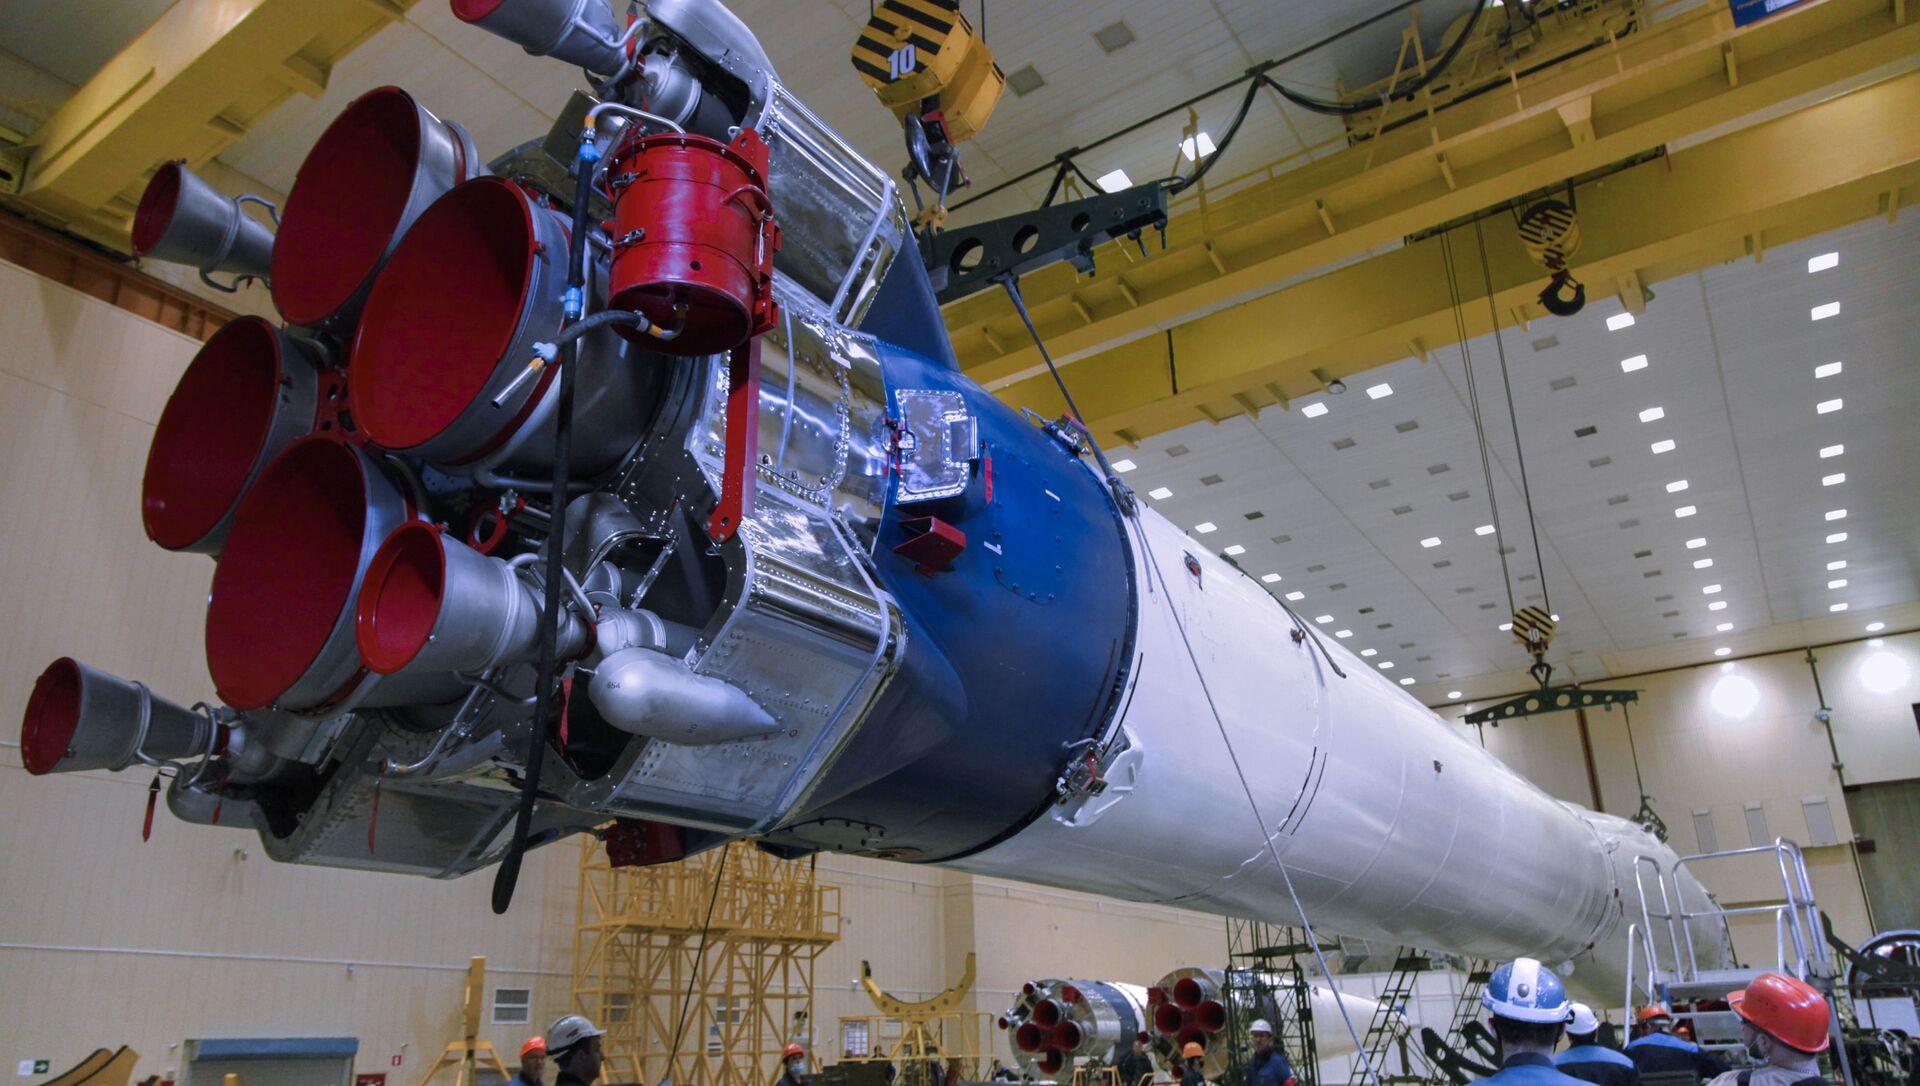 Thiết kế mới của tên lửa mang Soyuz. - Sputnik Việt Nam, 1920, 13.03.2021